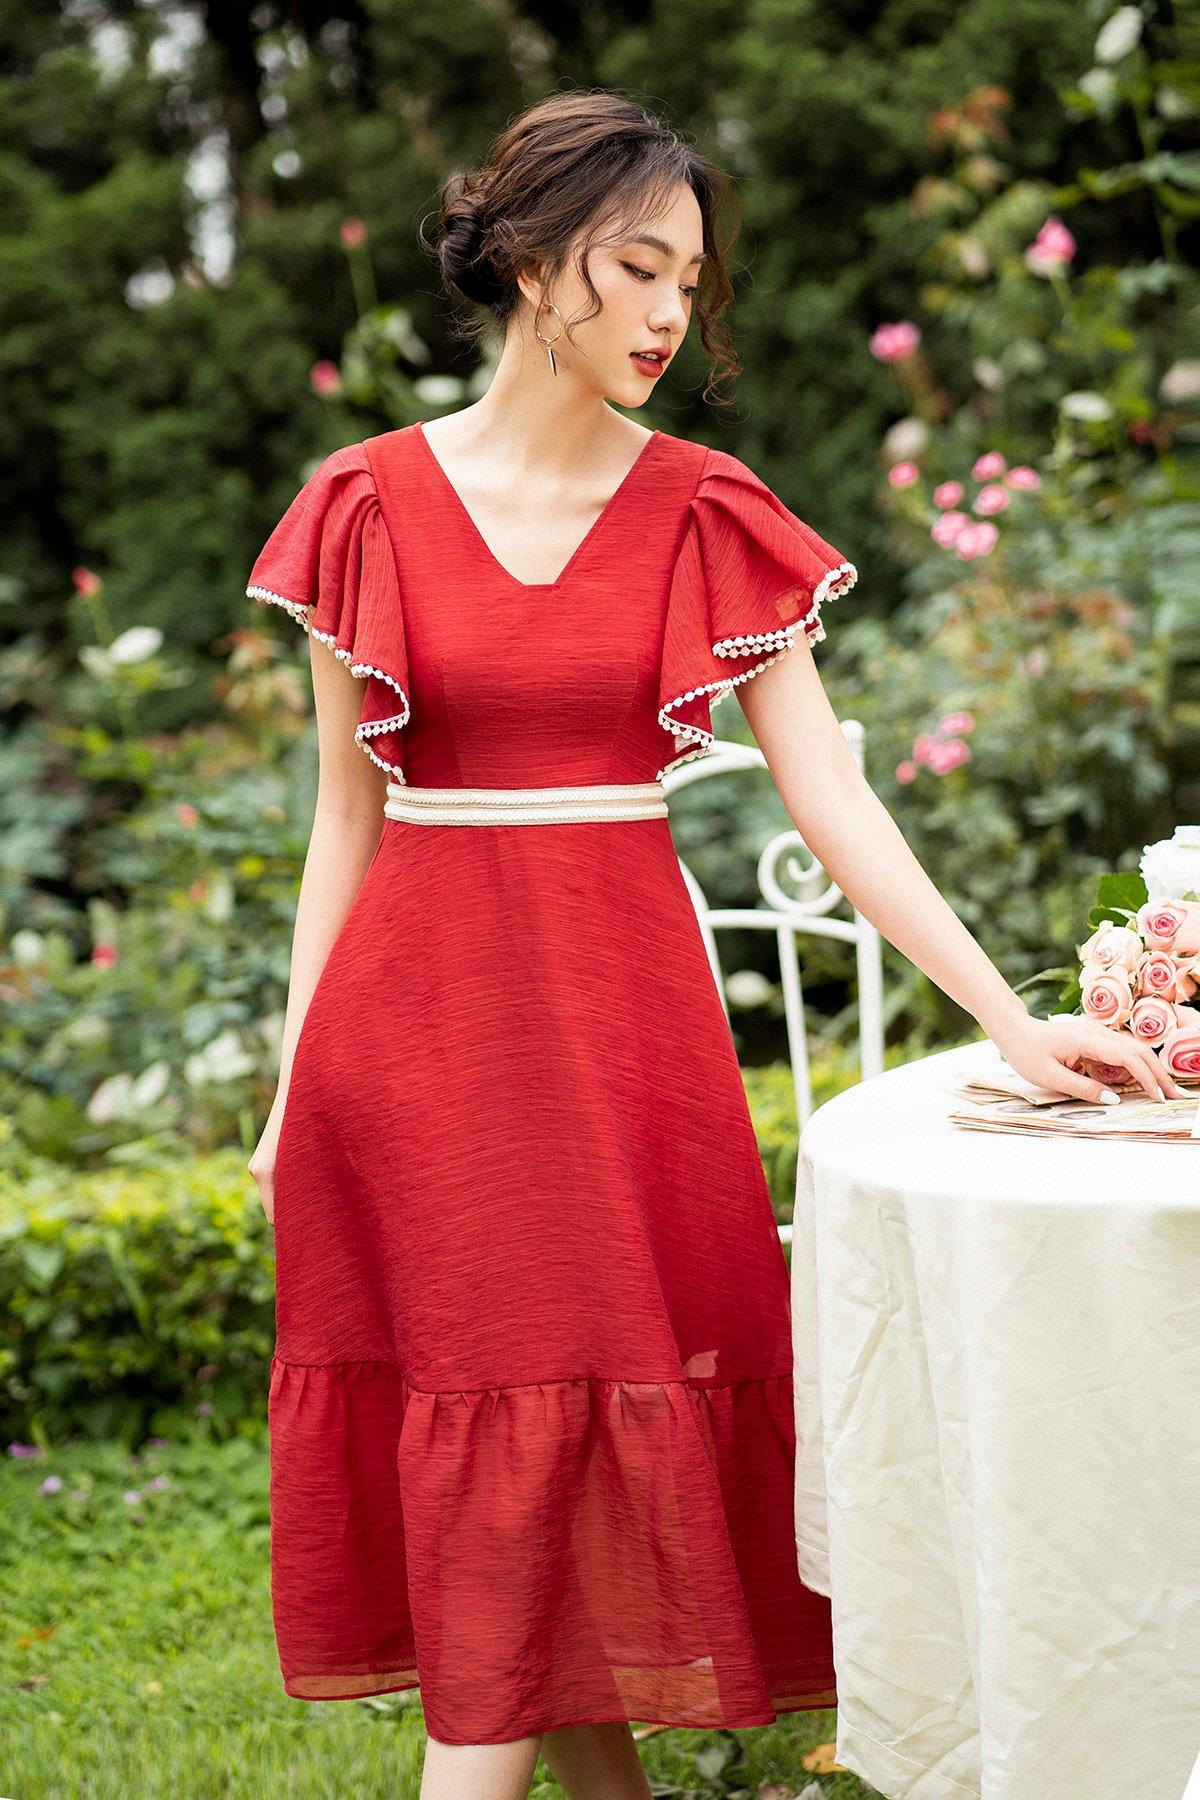 Váy tay bèo phối ren trắng đỏ